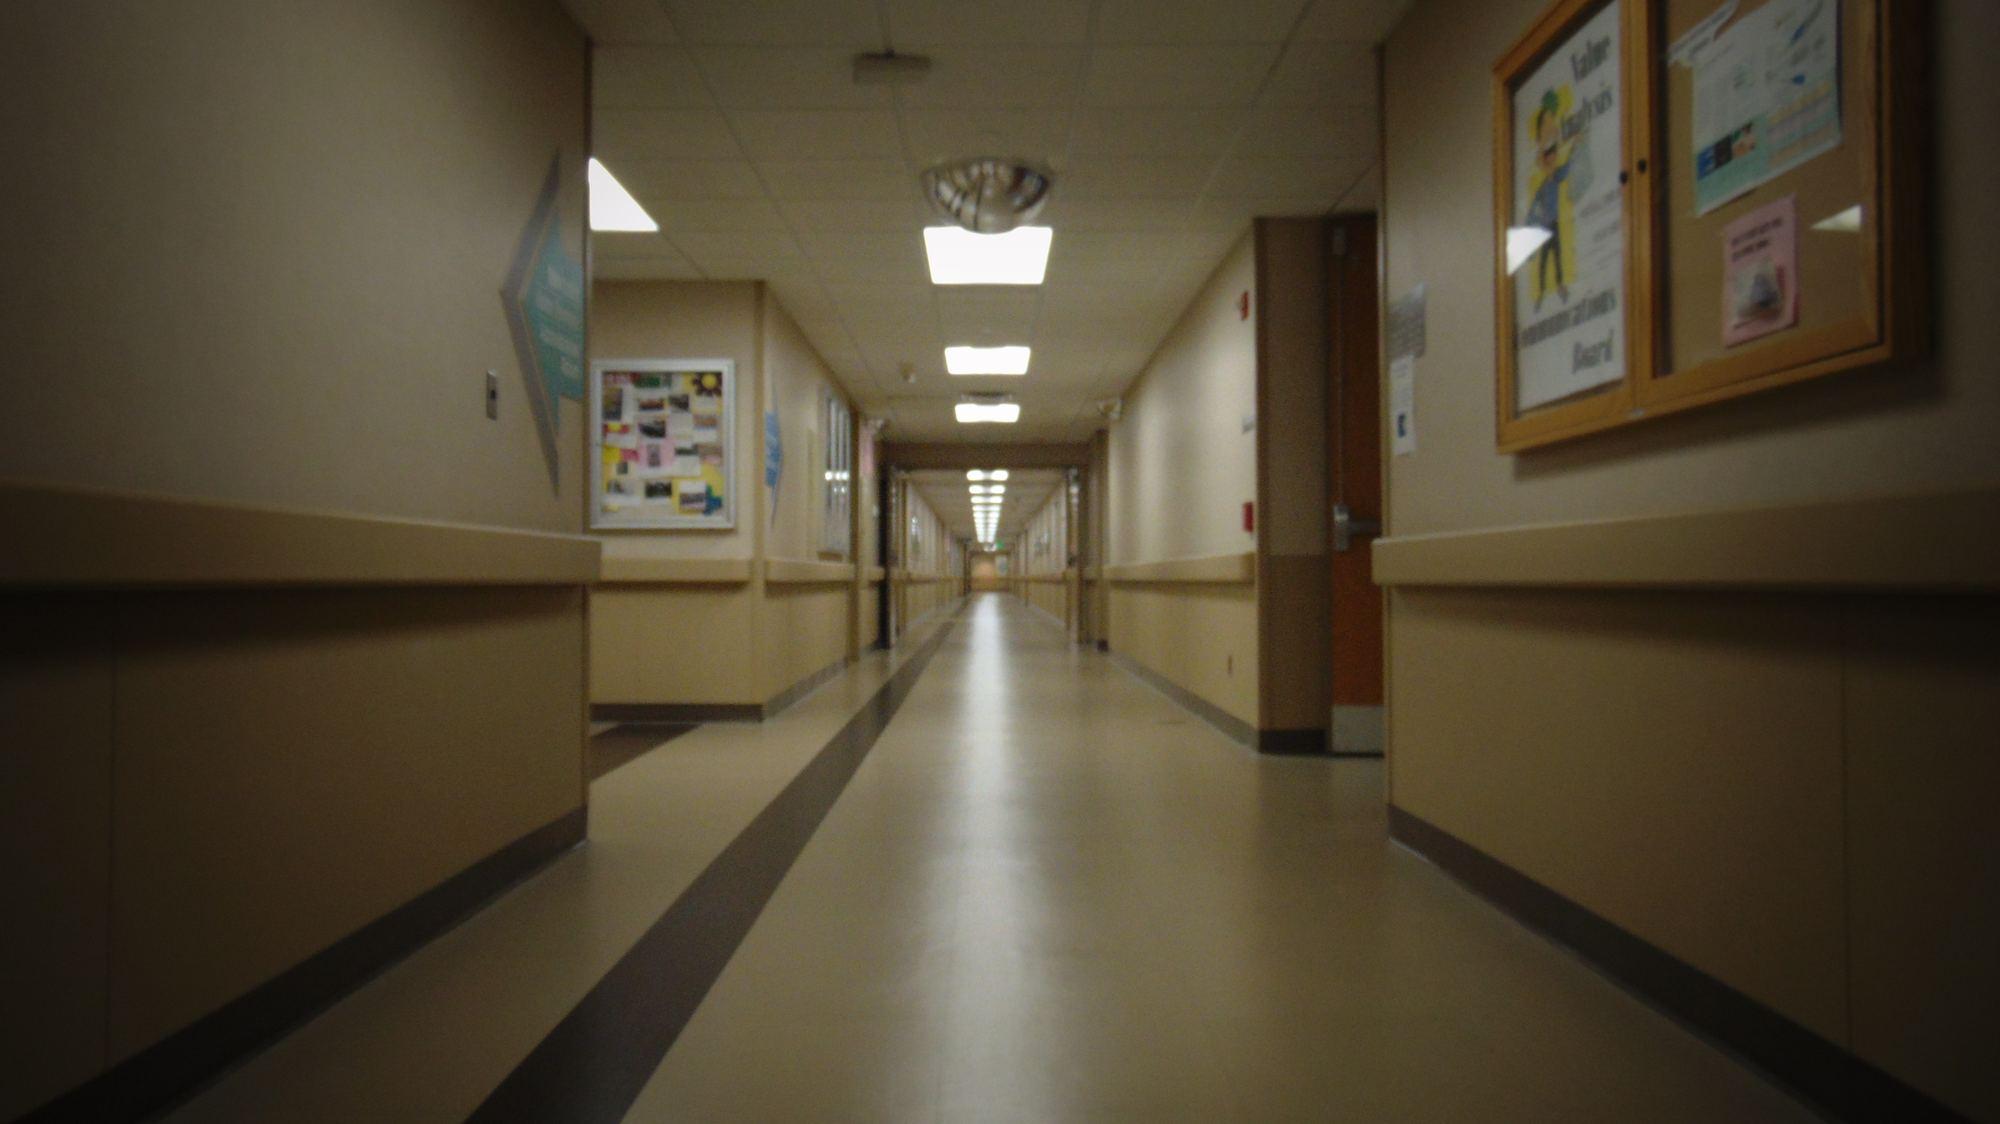 Sweeney Emergency Room